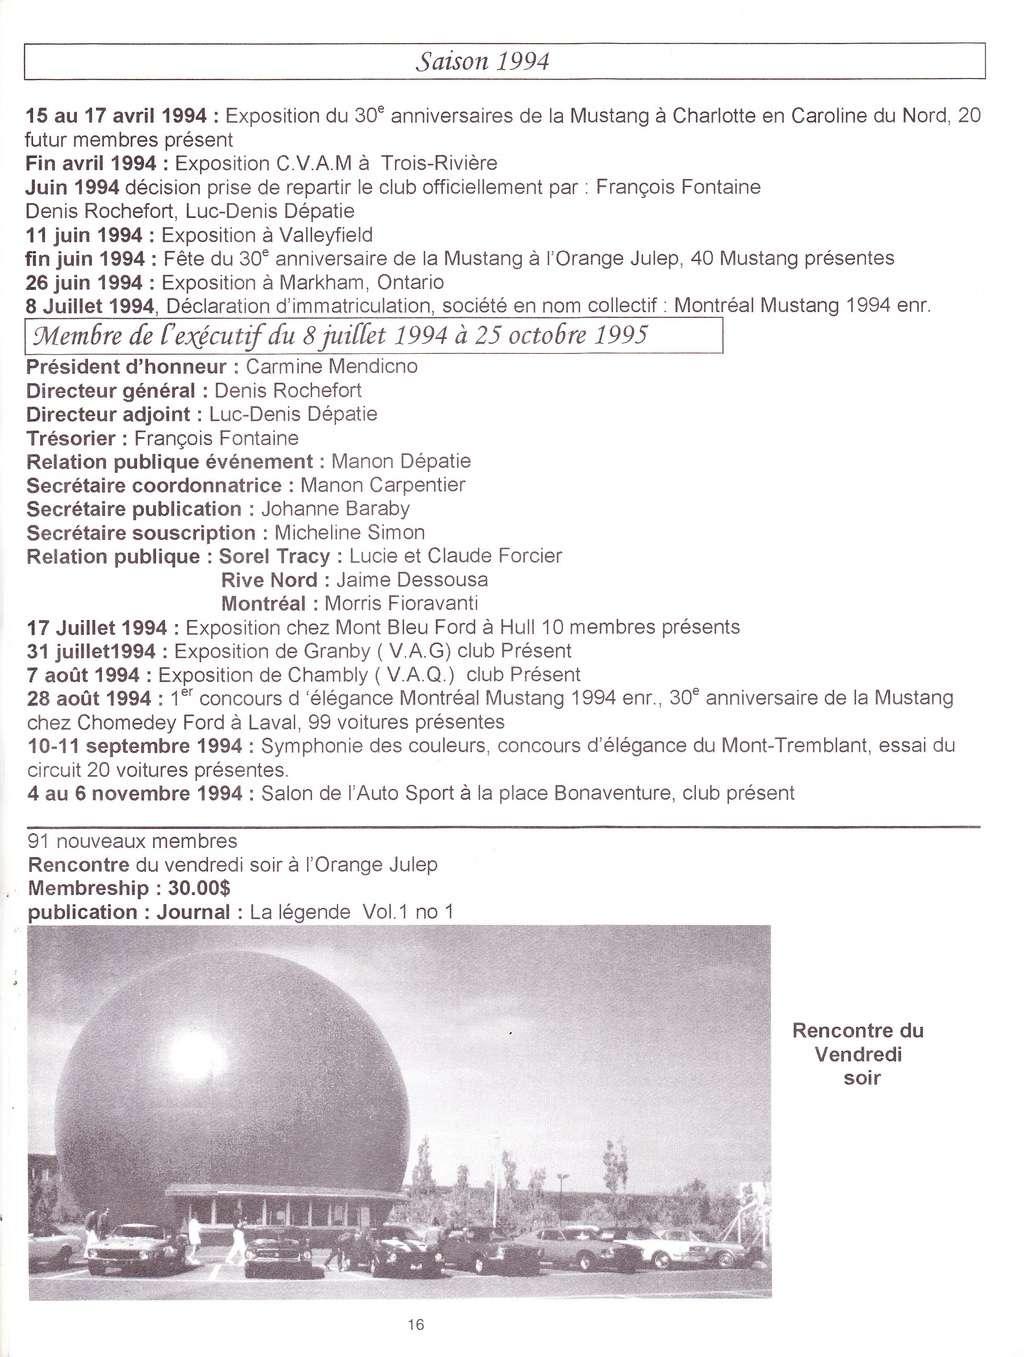 Montréal Mustang dans le temps! 1981 à aujourd'hui (Histoire en photos) La_lyg54